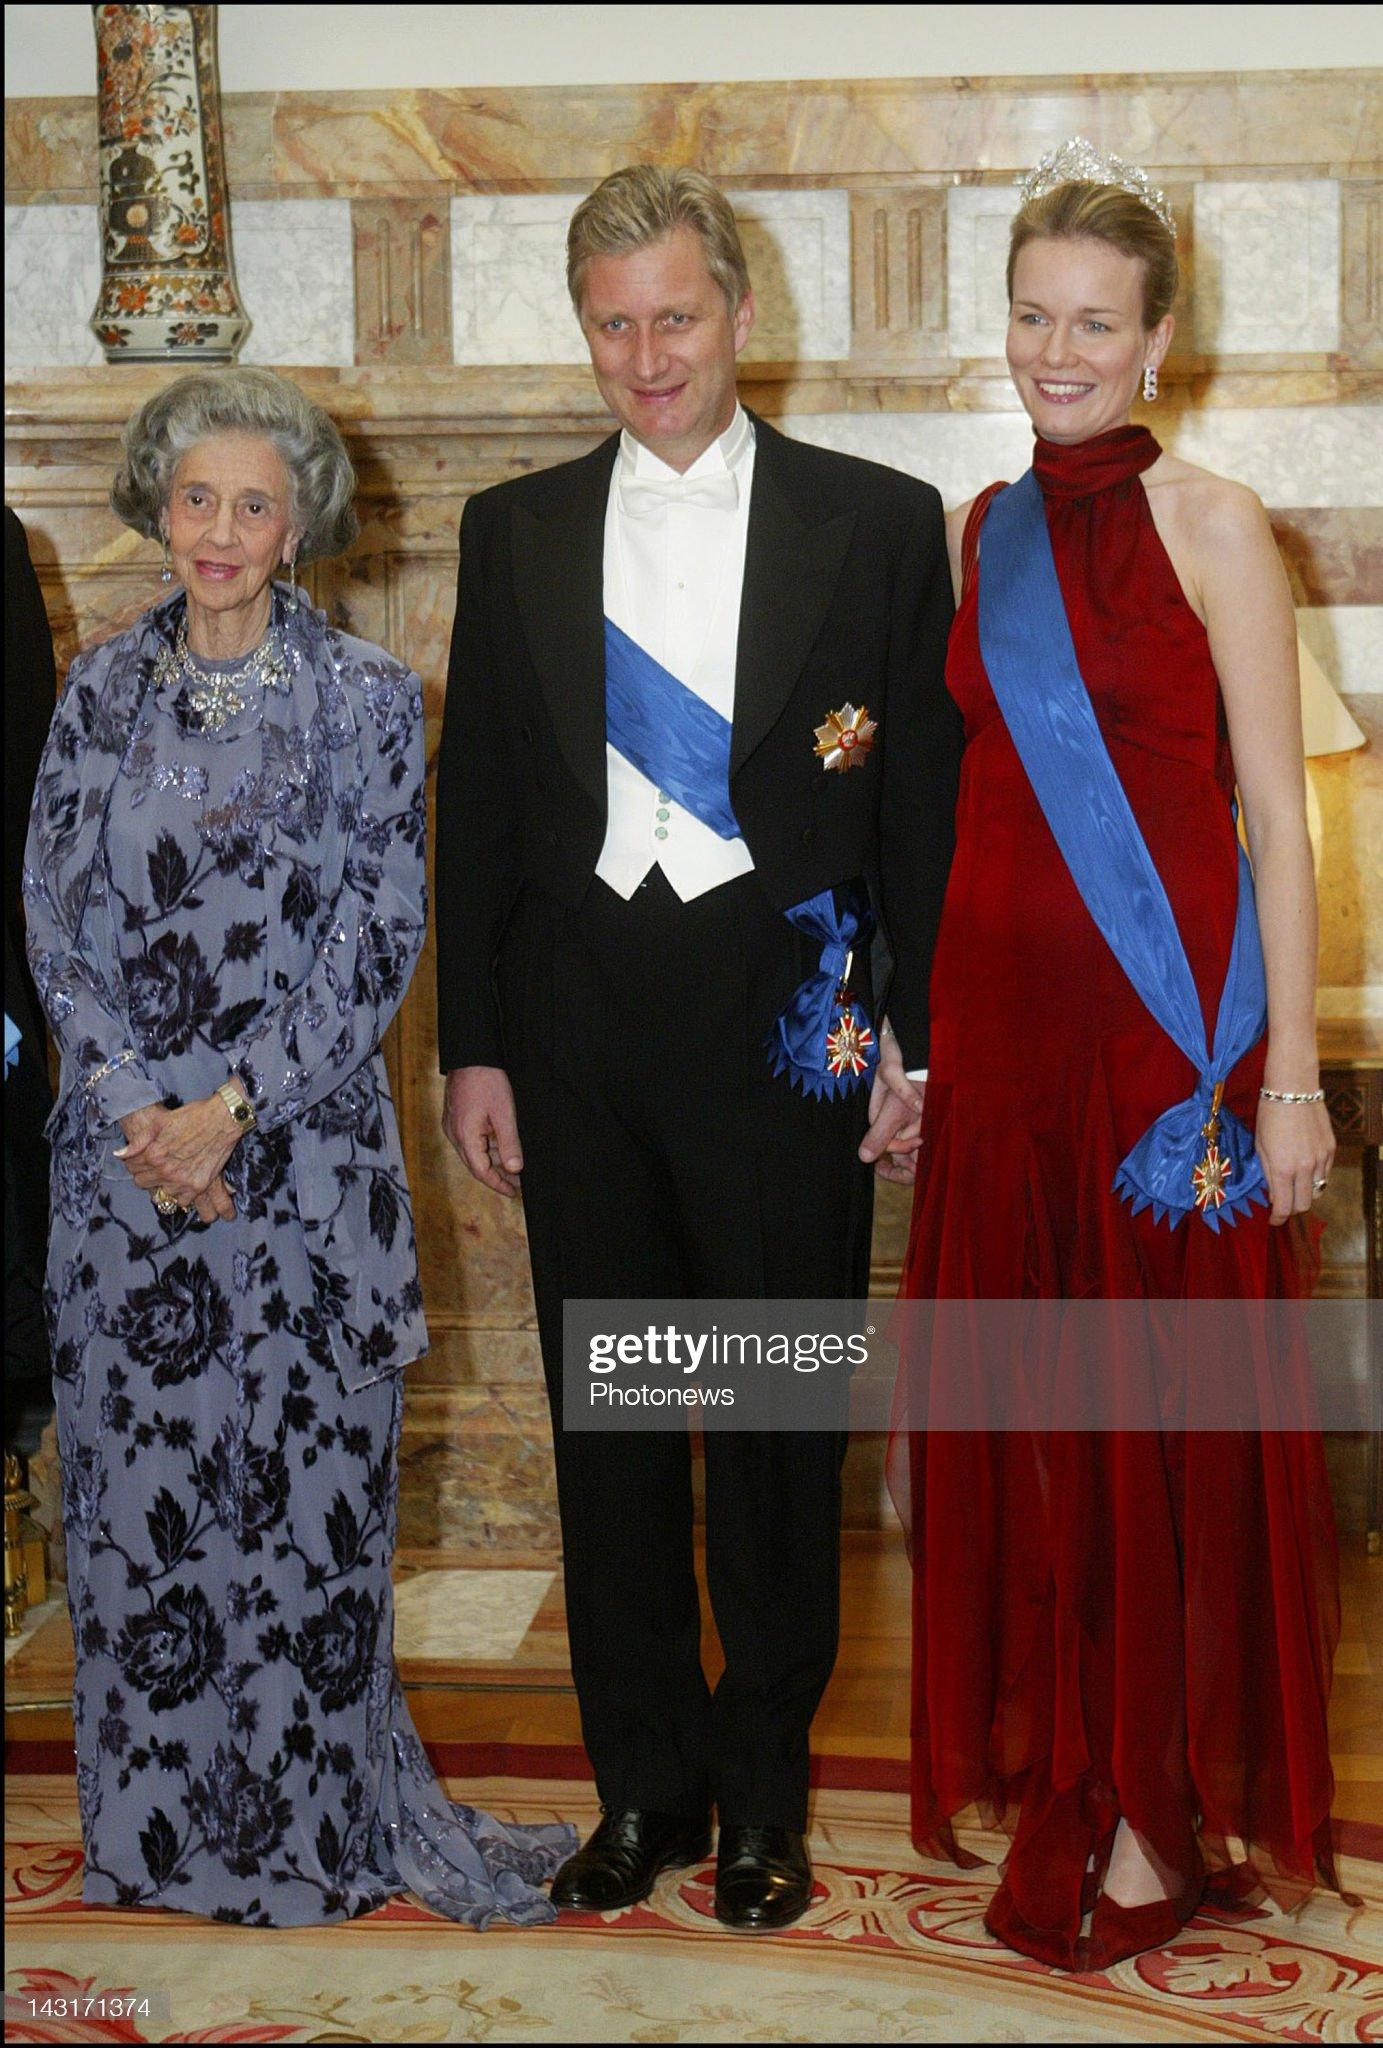 Вечерние наряды Королевы Матильды Queen Fabiola of Belgium... : News Photo